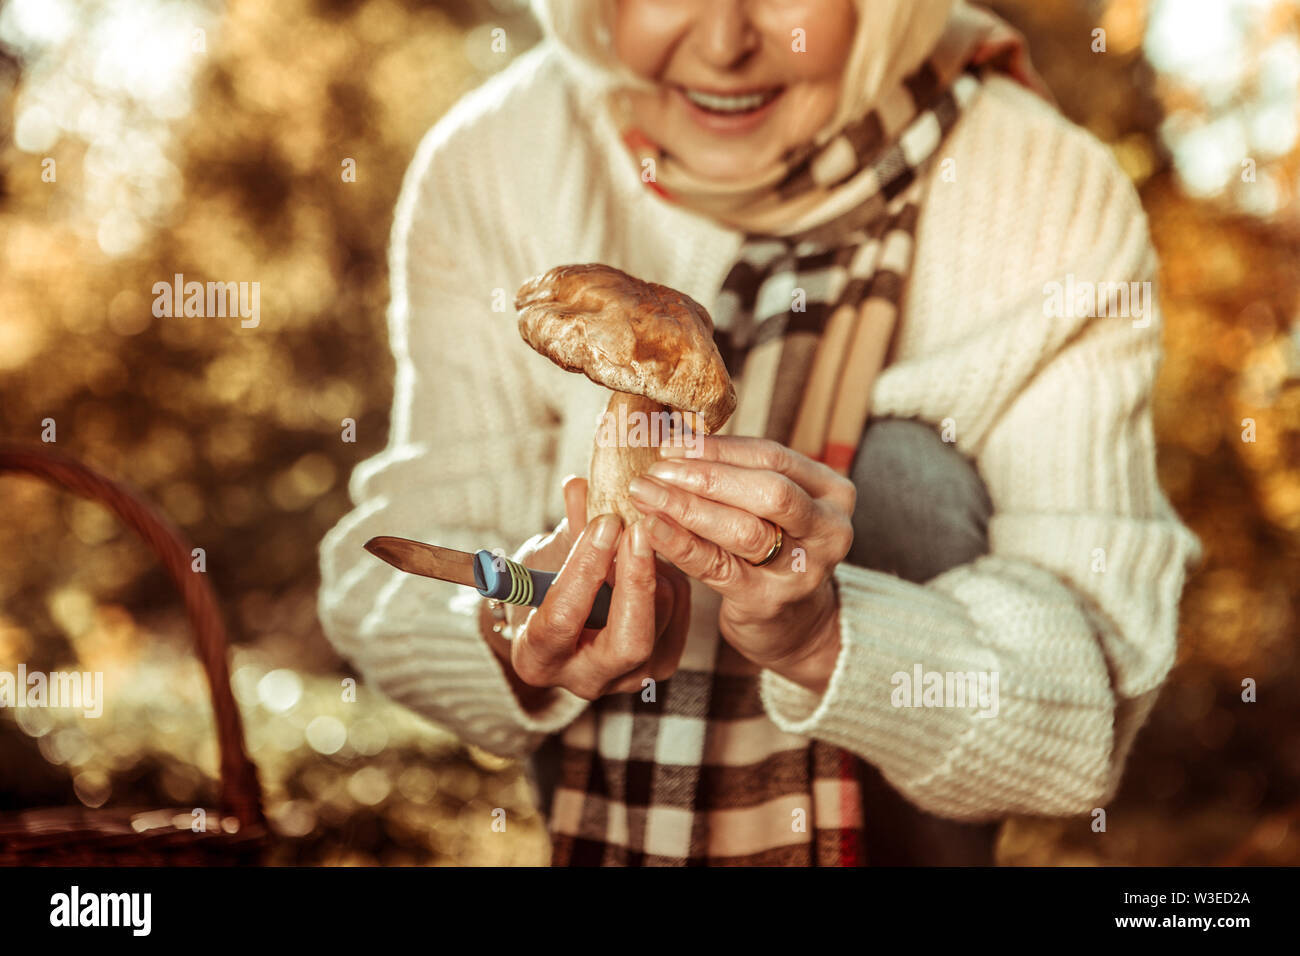 Gros champignon sauvage dans les mains d'une femme. Photo Stock